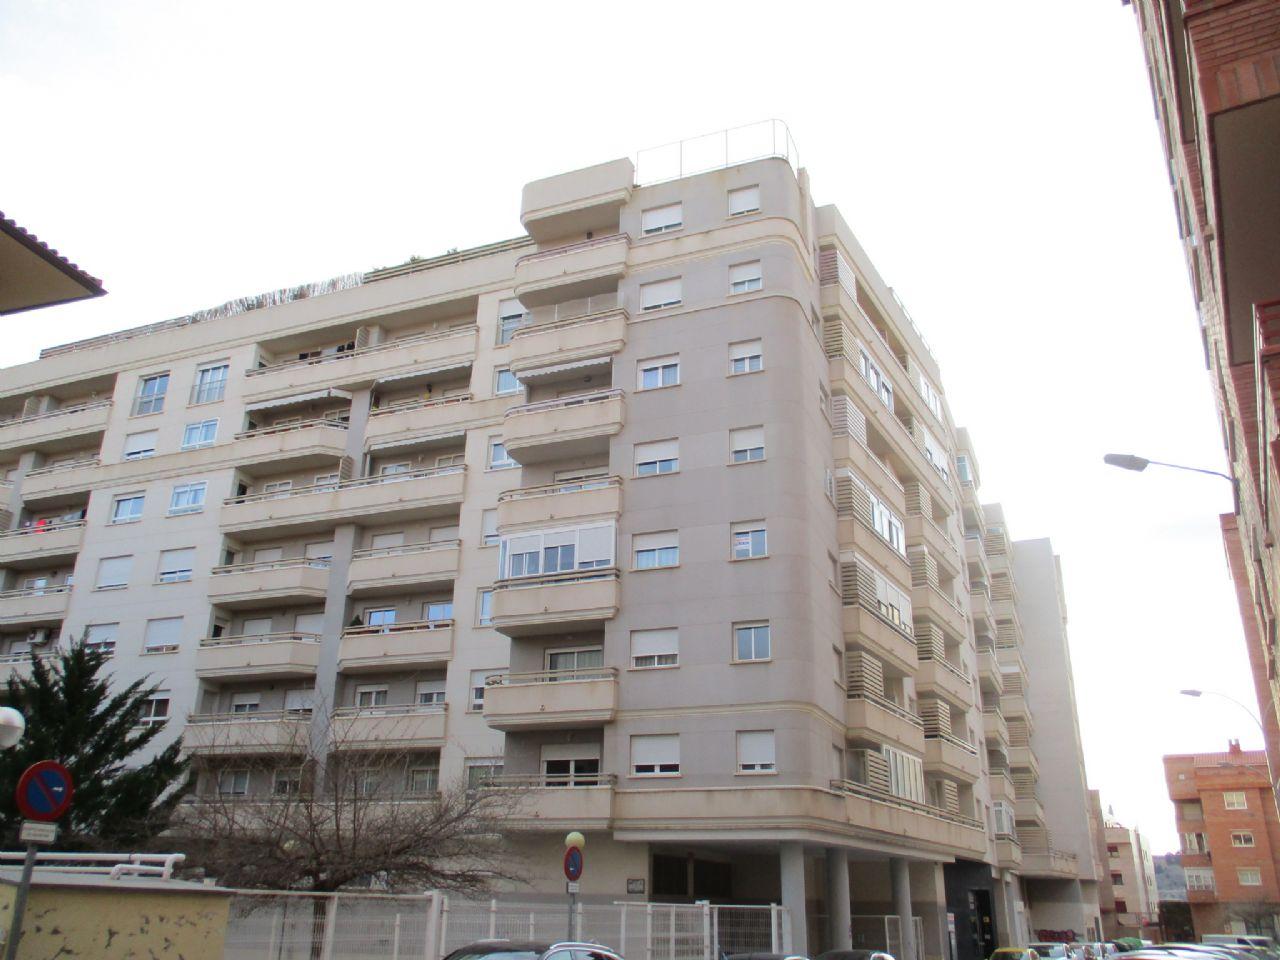 Piso en Teruel, Ensanche, venta